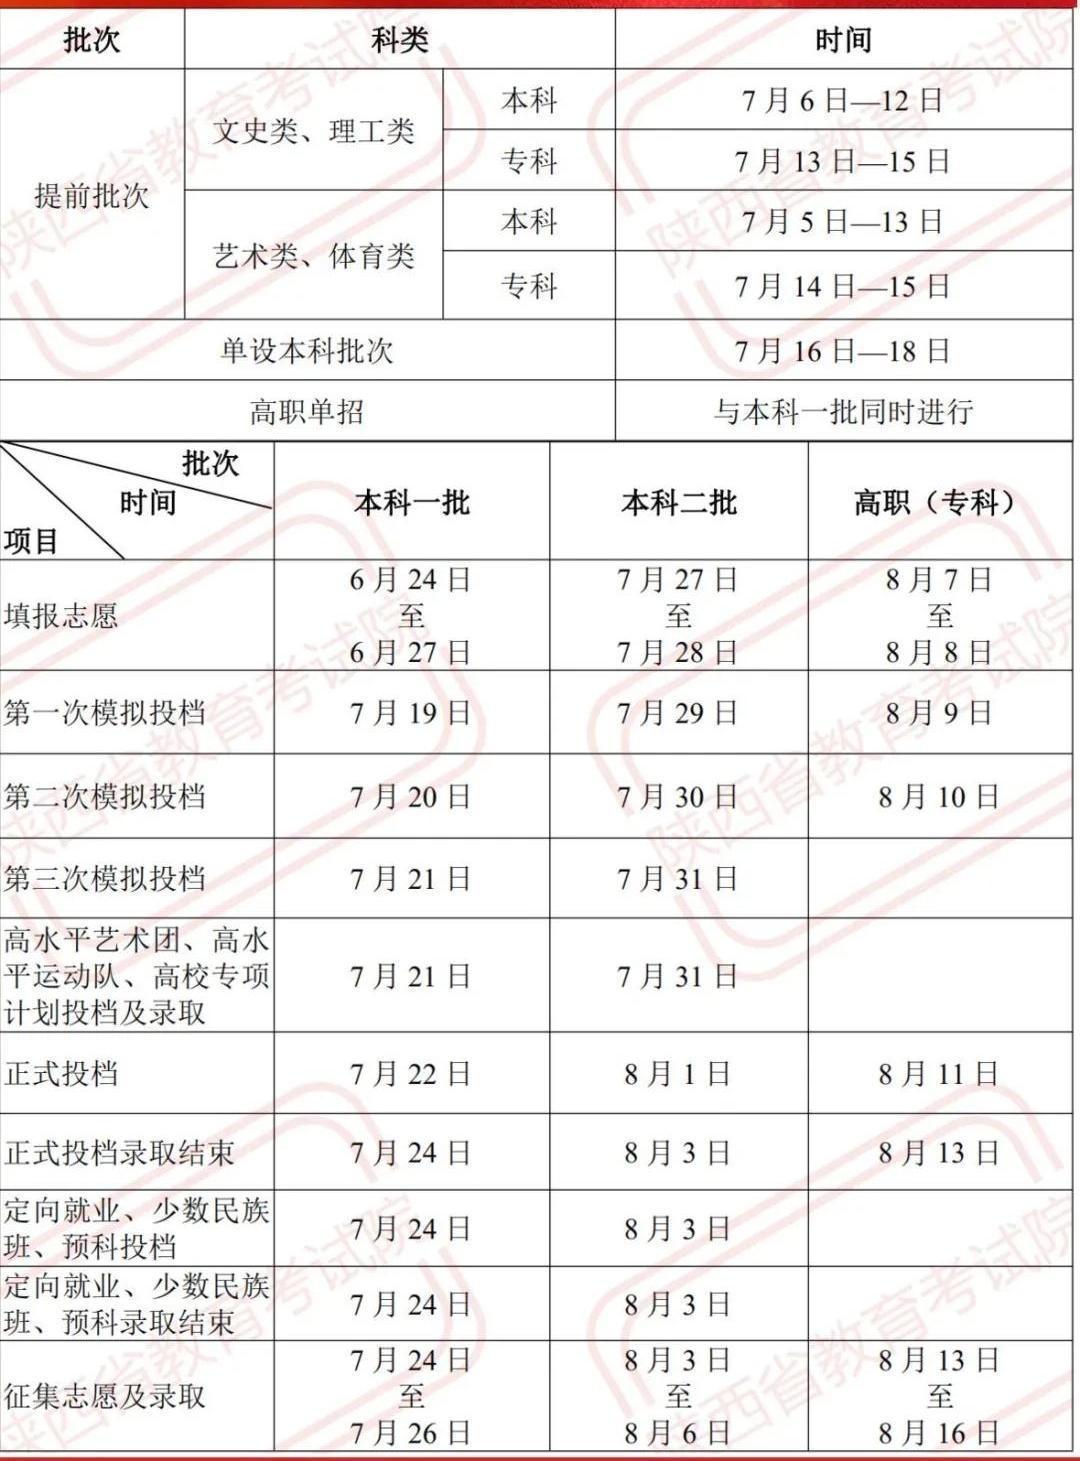 陕西2021年高考各批次录取时间